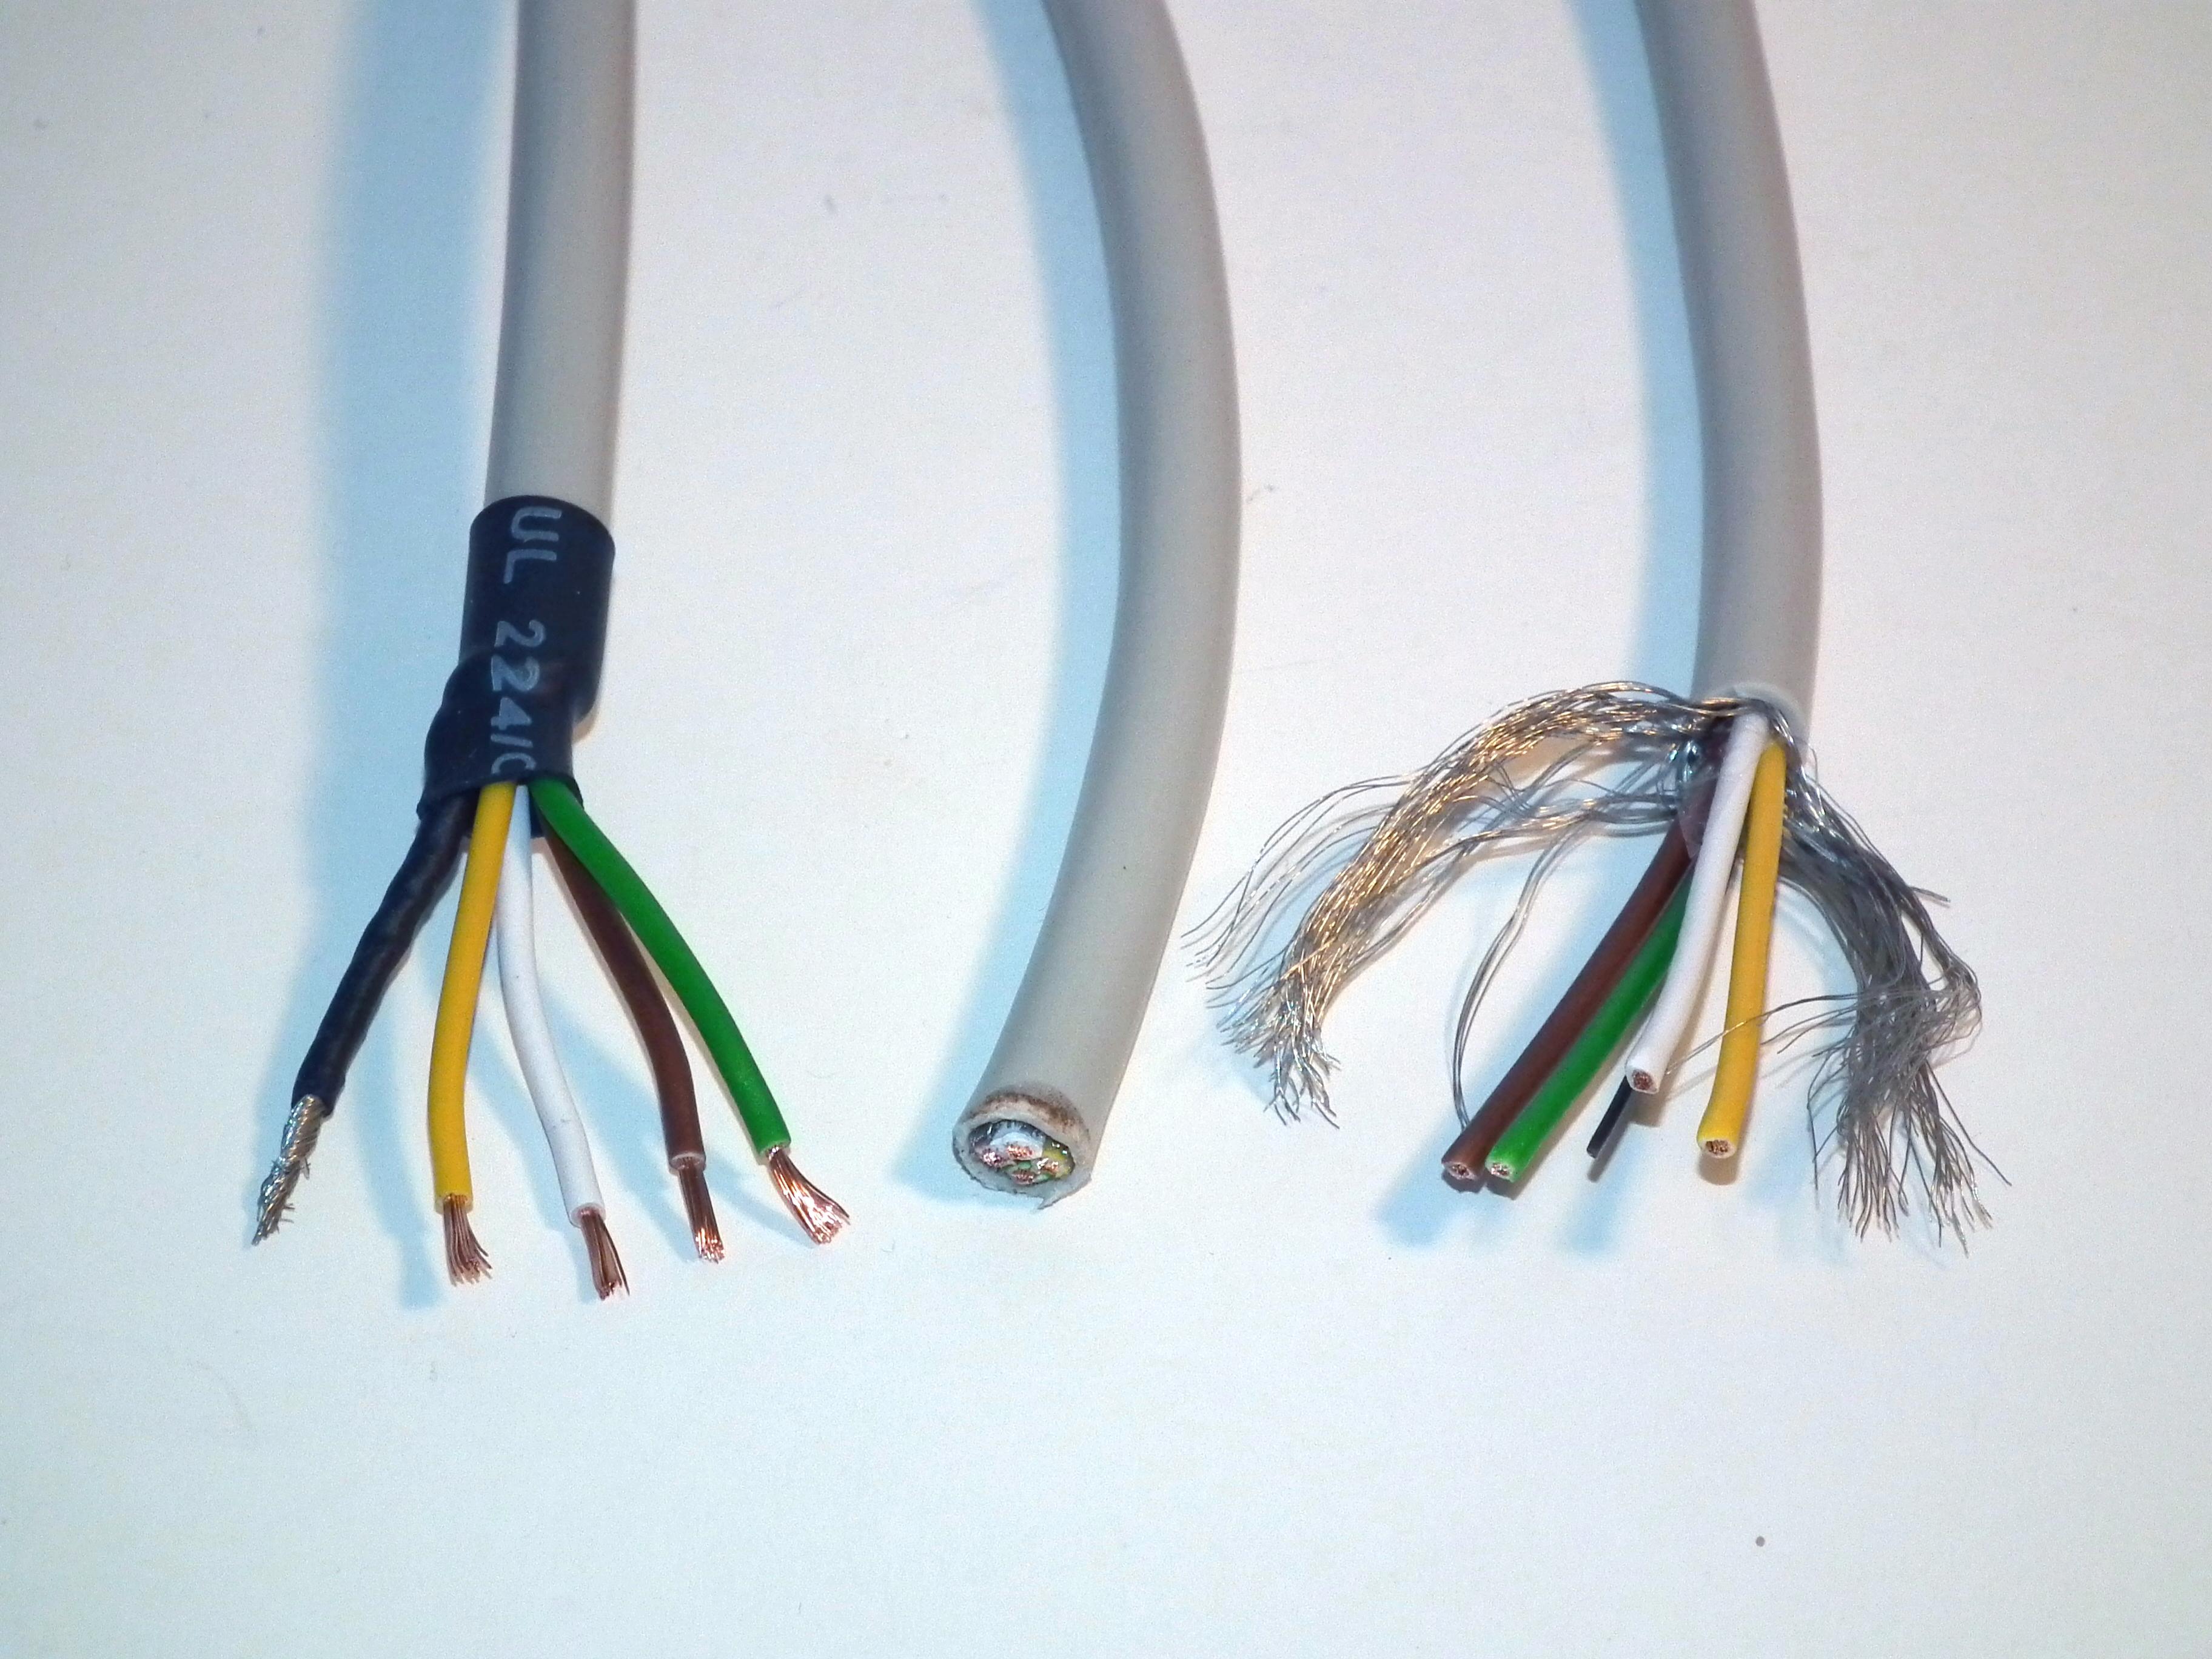 Schrittmotoranschlusskabel für StepMAX oder CNCMAX